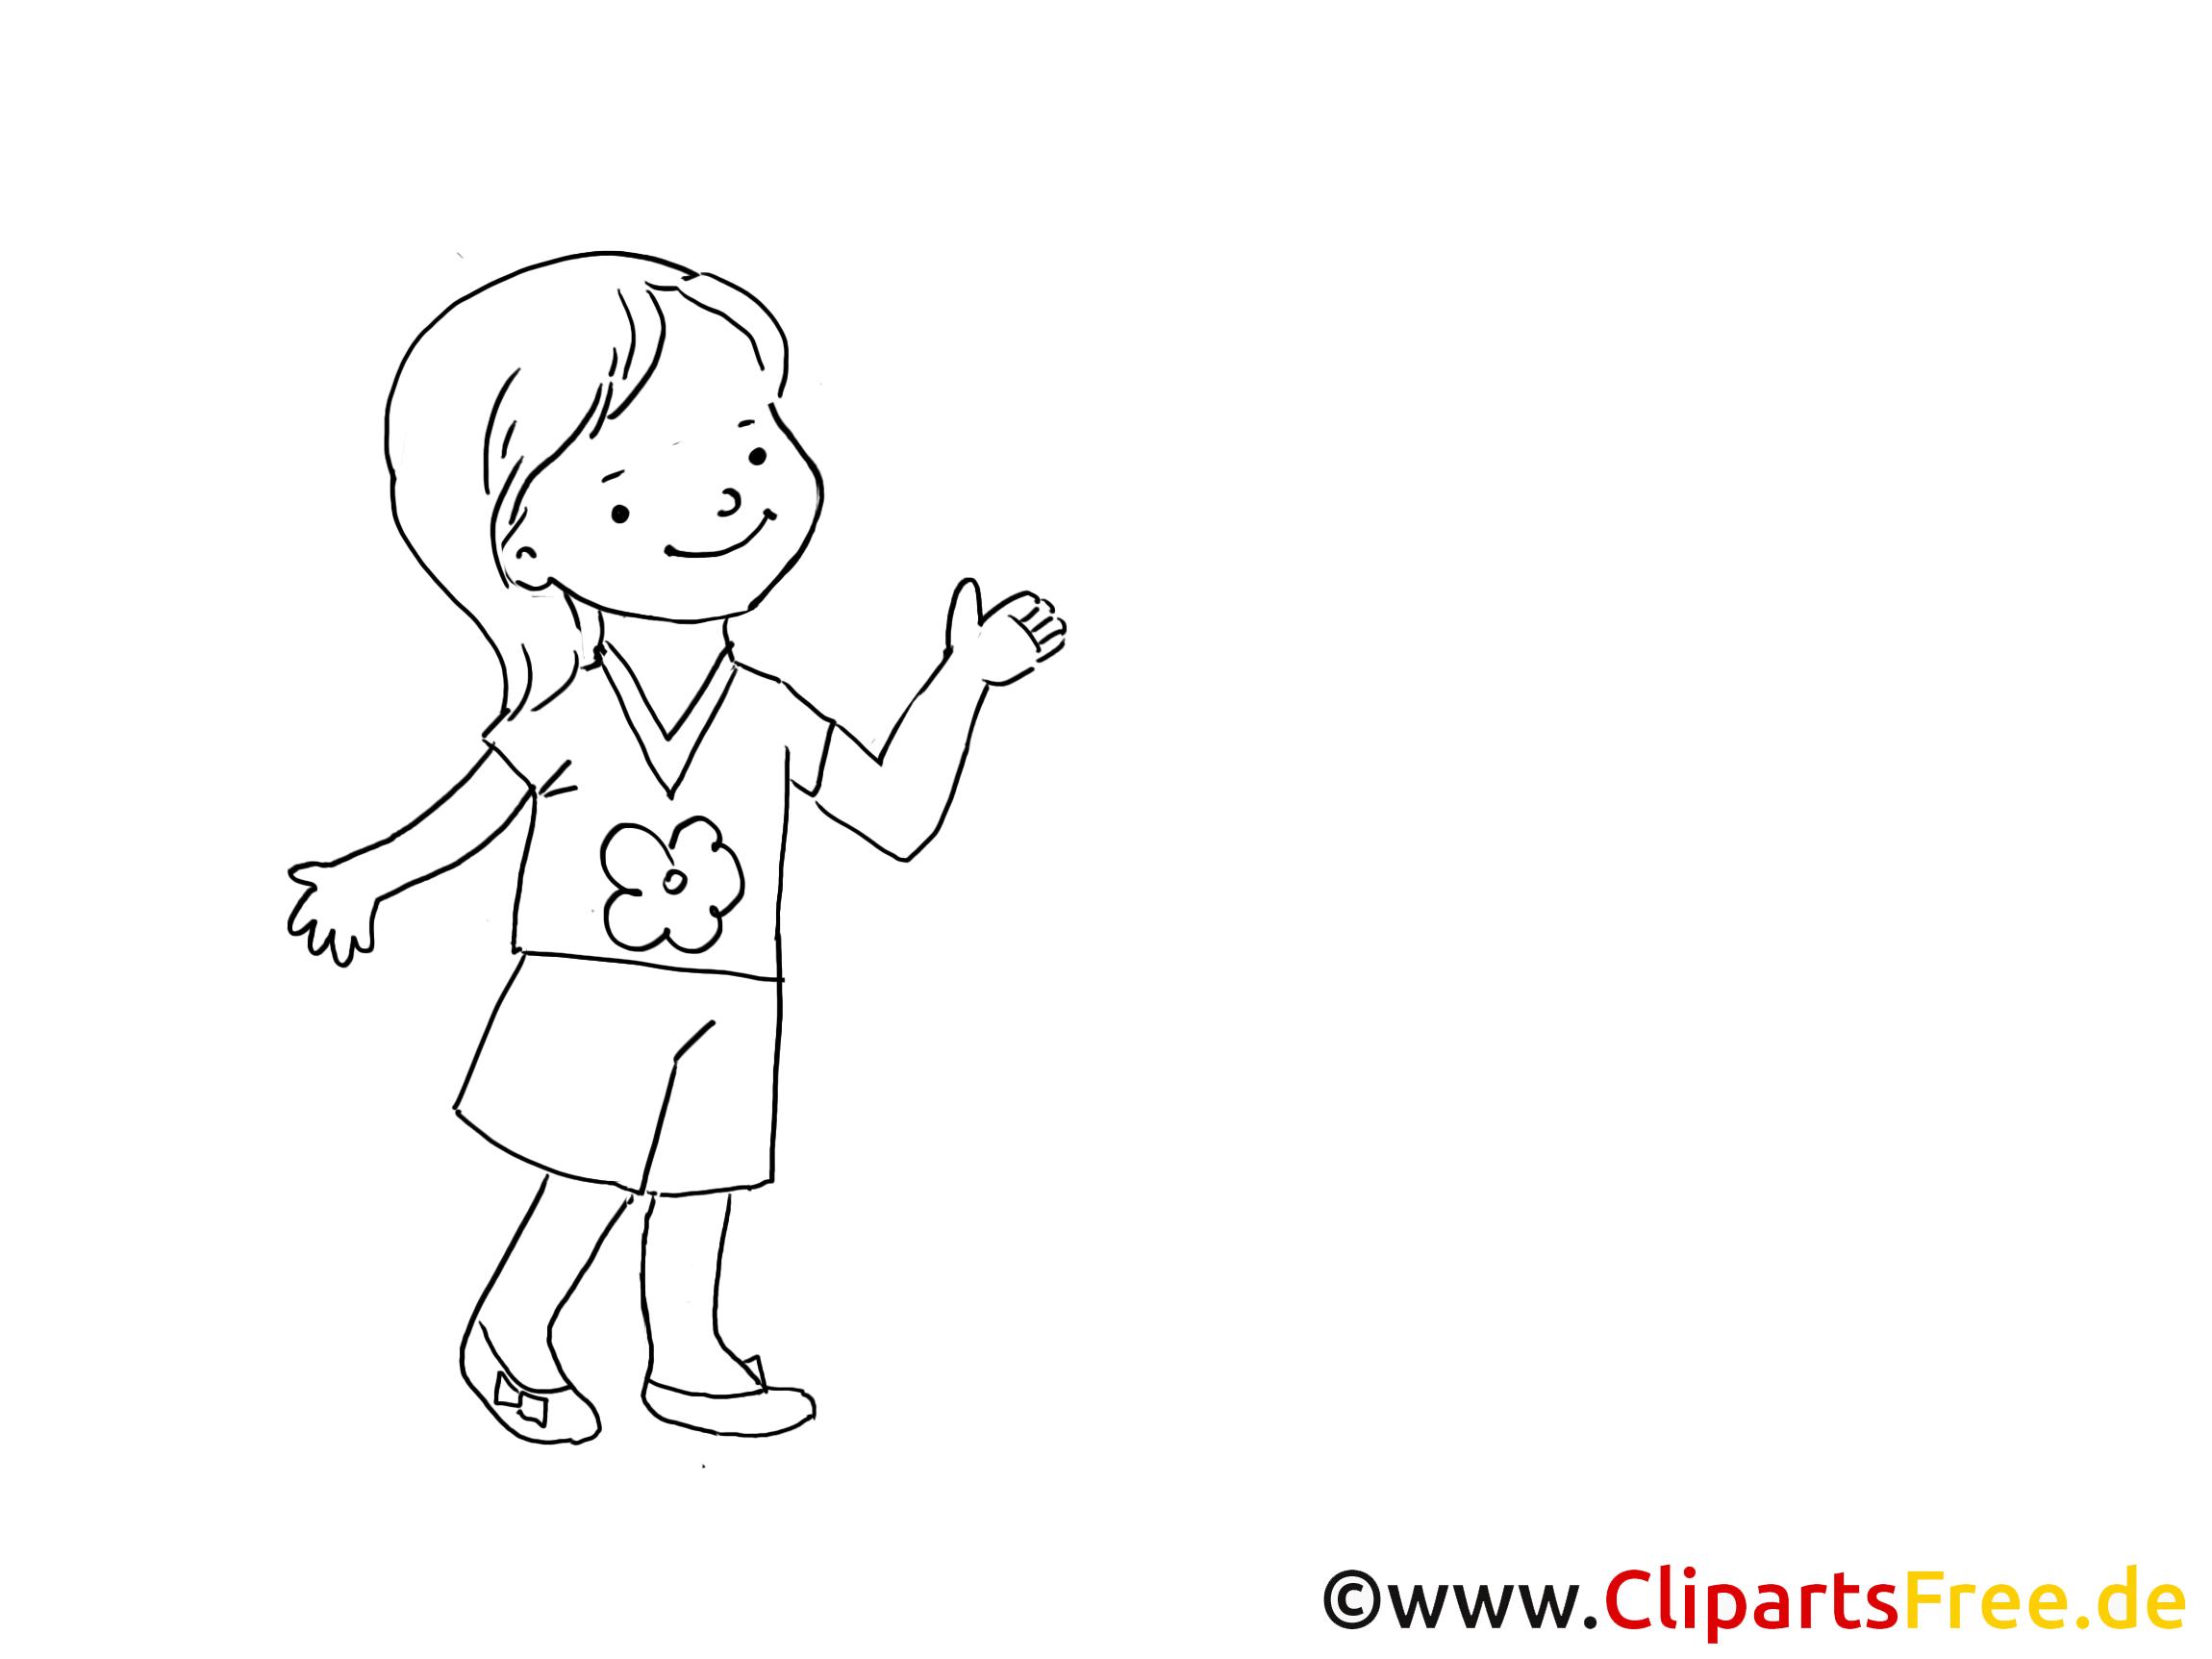 Fille dessin colorier maternelle image gratuite - Fille a colorier ...